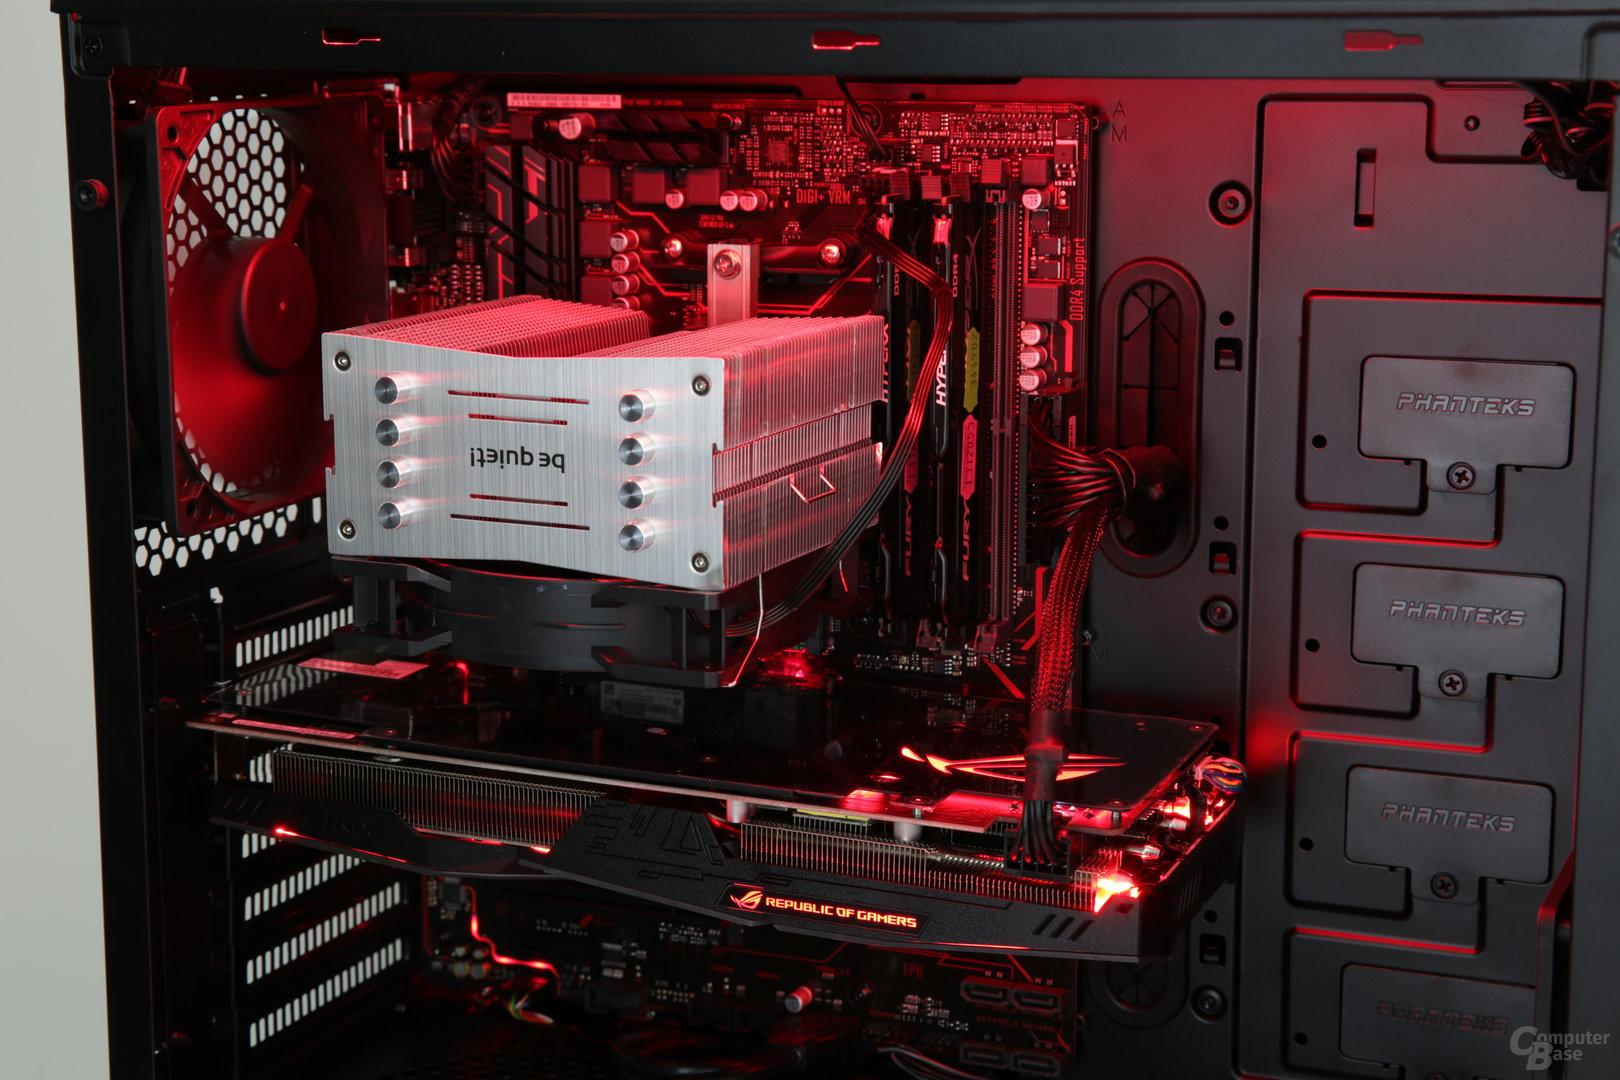 Dezente rote Beleuchtung für die verbauten Komponenten